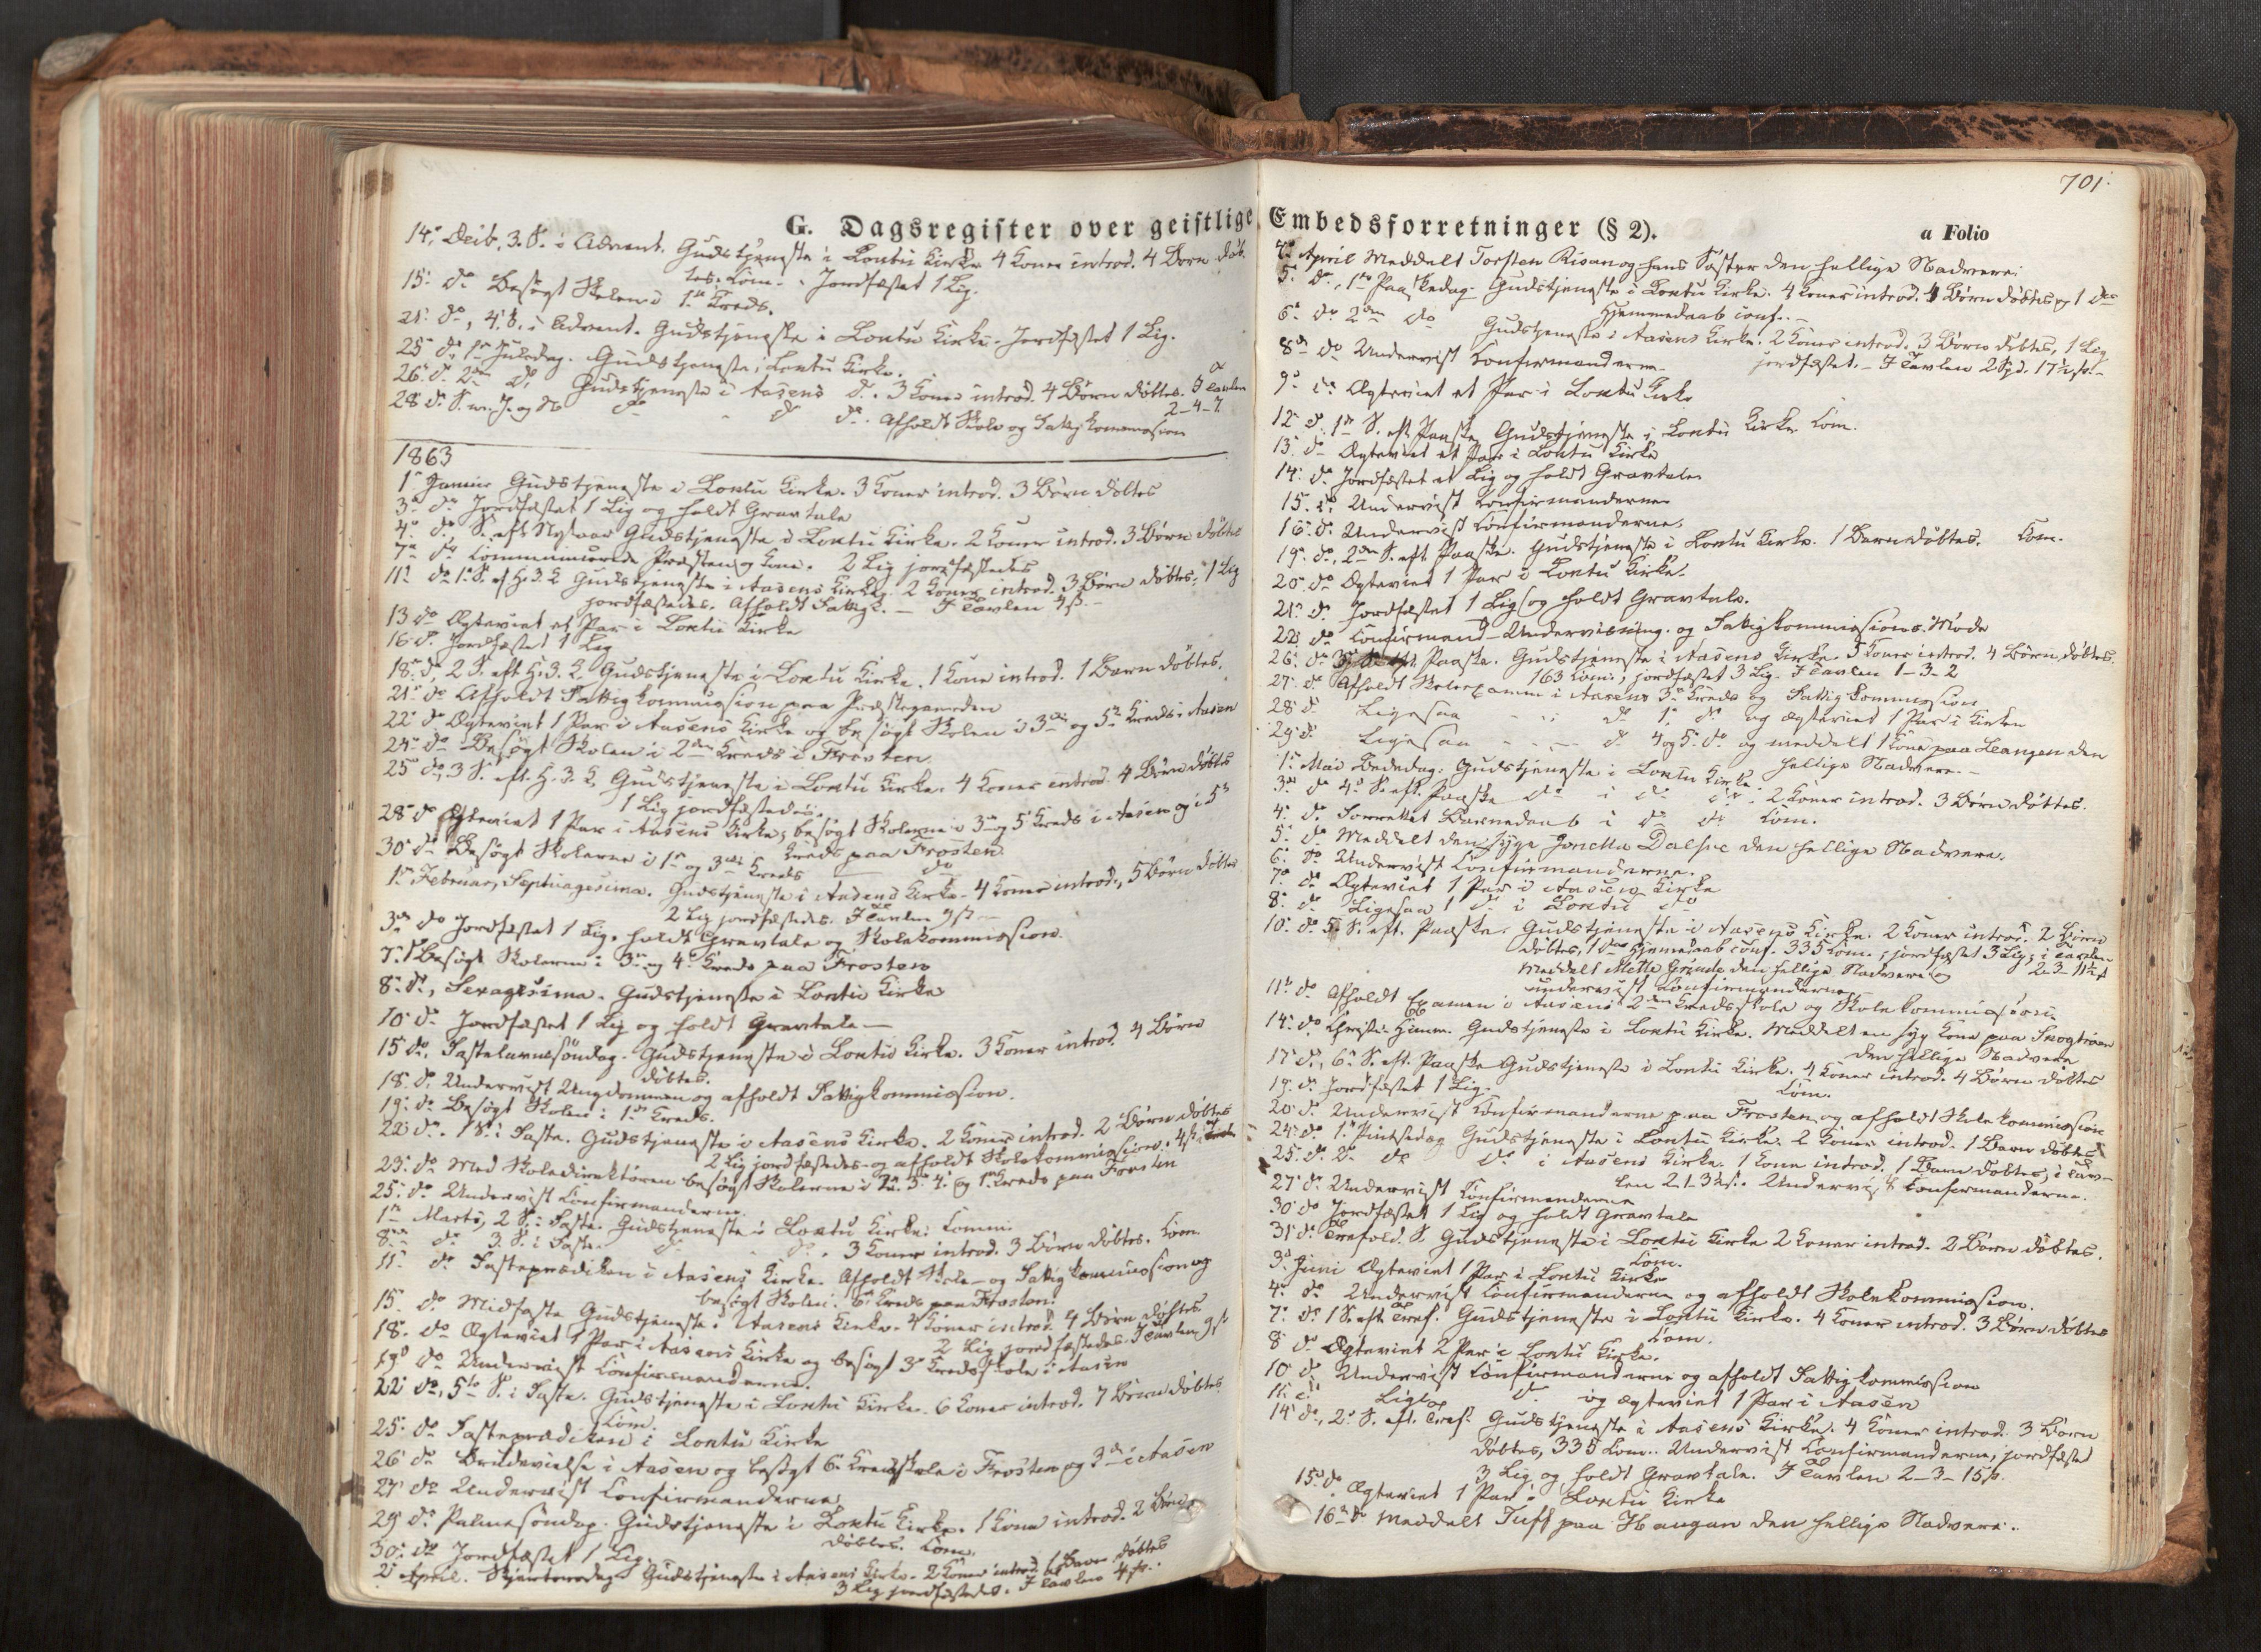 SAT, Ministerialprotokoller, klokkerbøker og fødselsregistre - Nord-Trøndelag, 713/L0116: Ministerialbok nr. 713A07, 1850-1877, s. 701